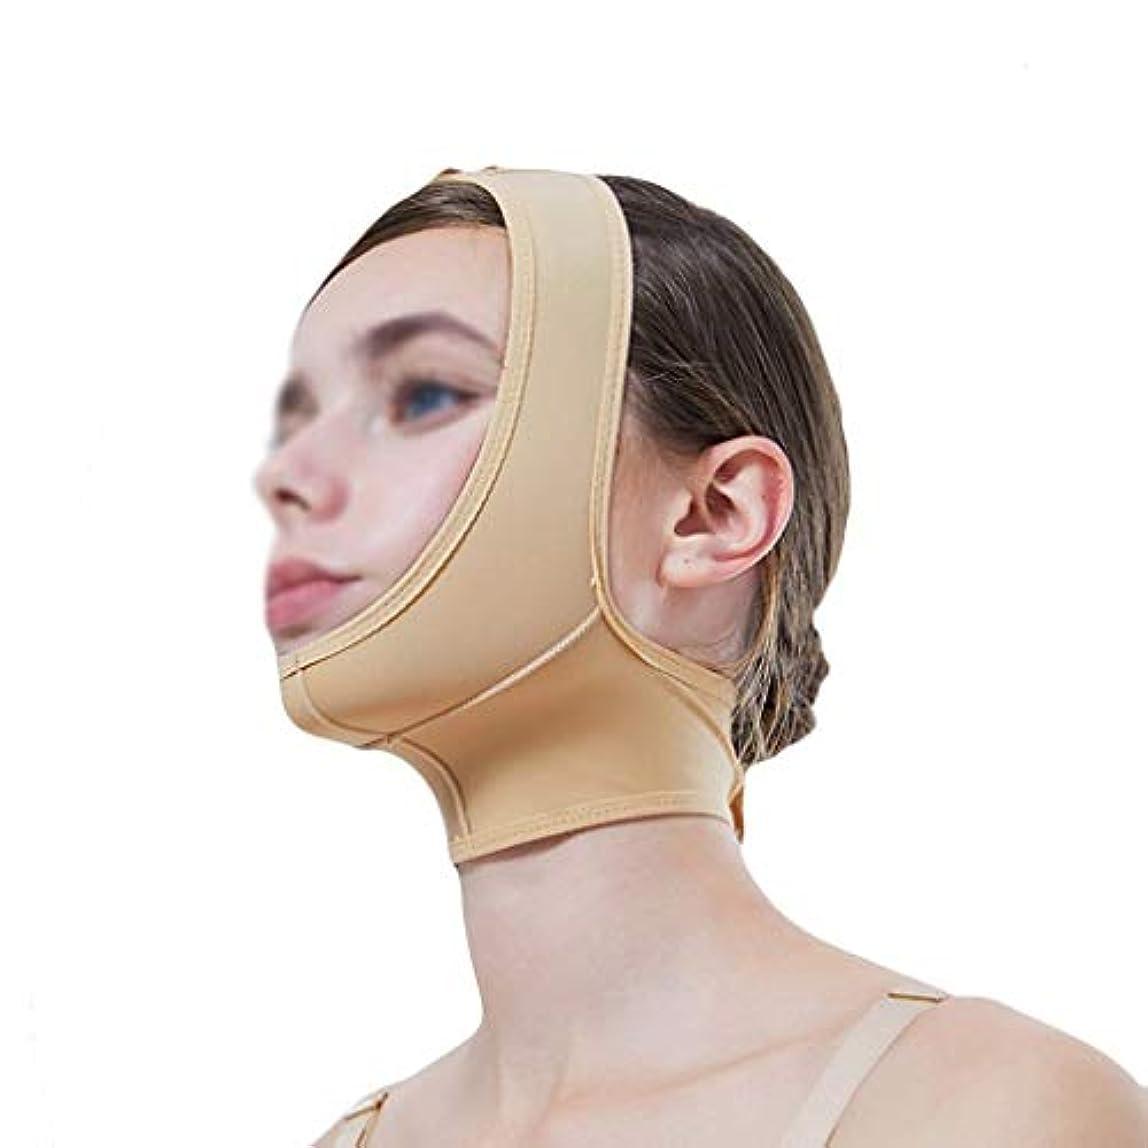 松の木適度に差別化するマスク、超薄型ベルト、フェイスリフティングに適し、フェイスリフティング、通気性包帯、あご取りベルト、超薄型ベルト、通気性(サイズ:XL),XS